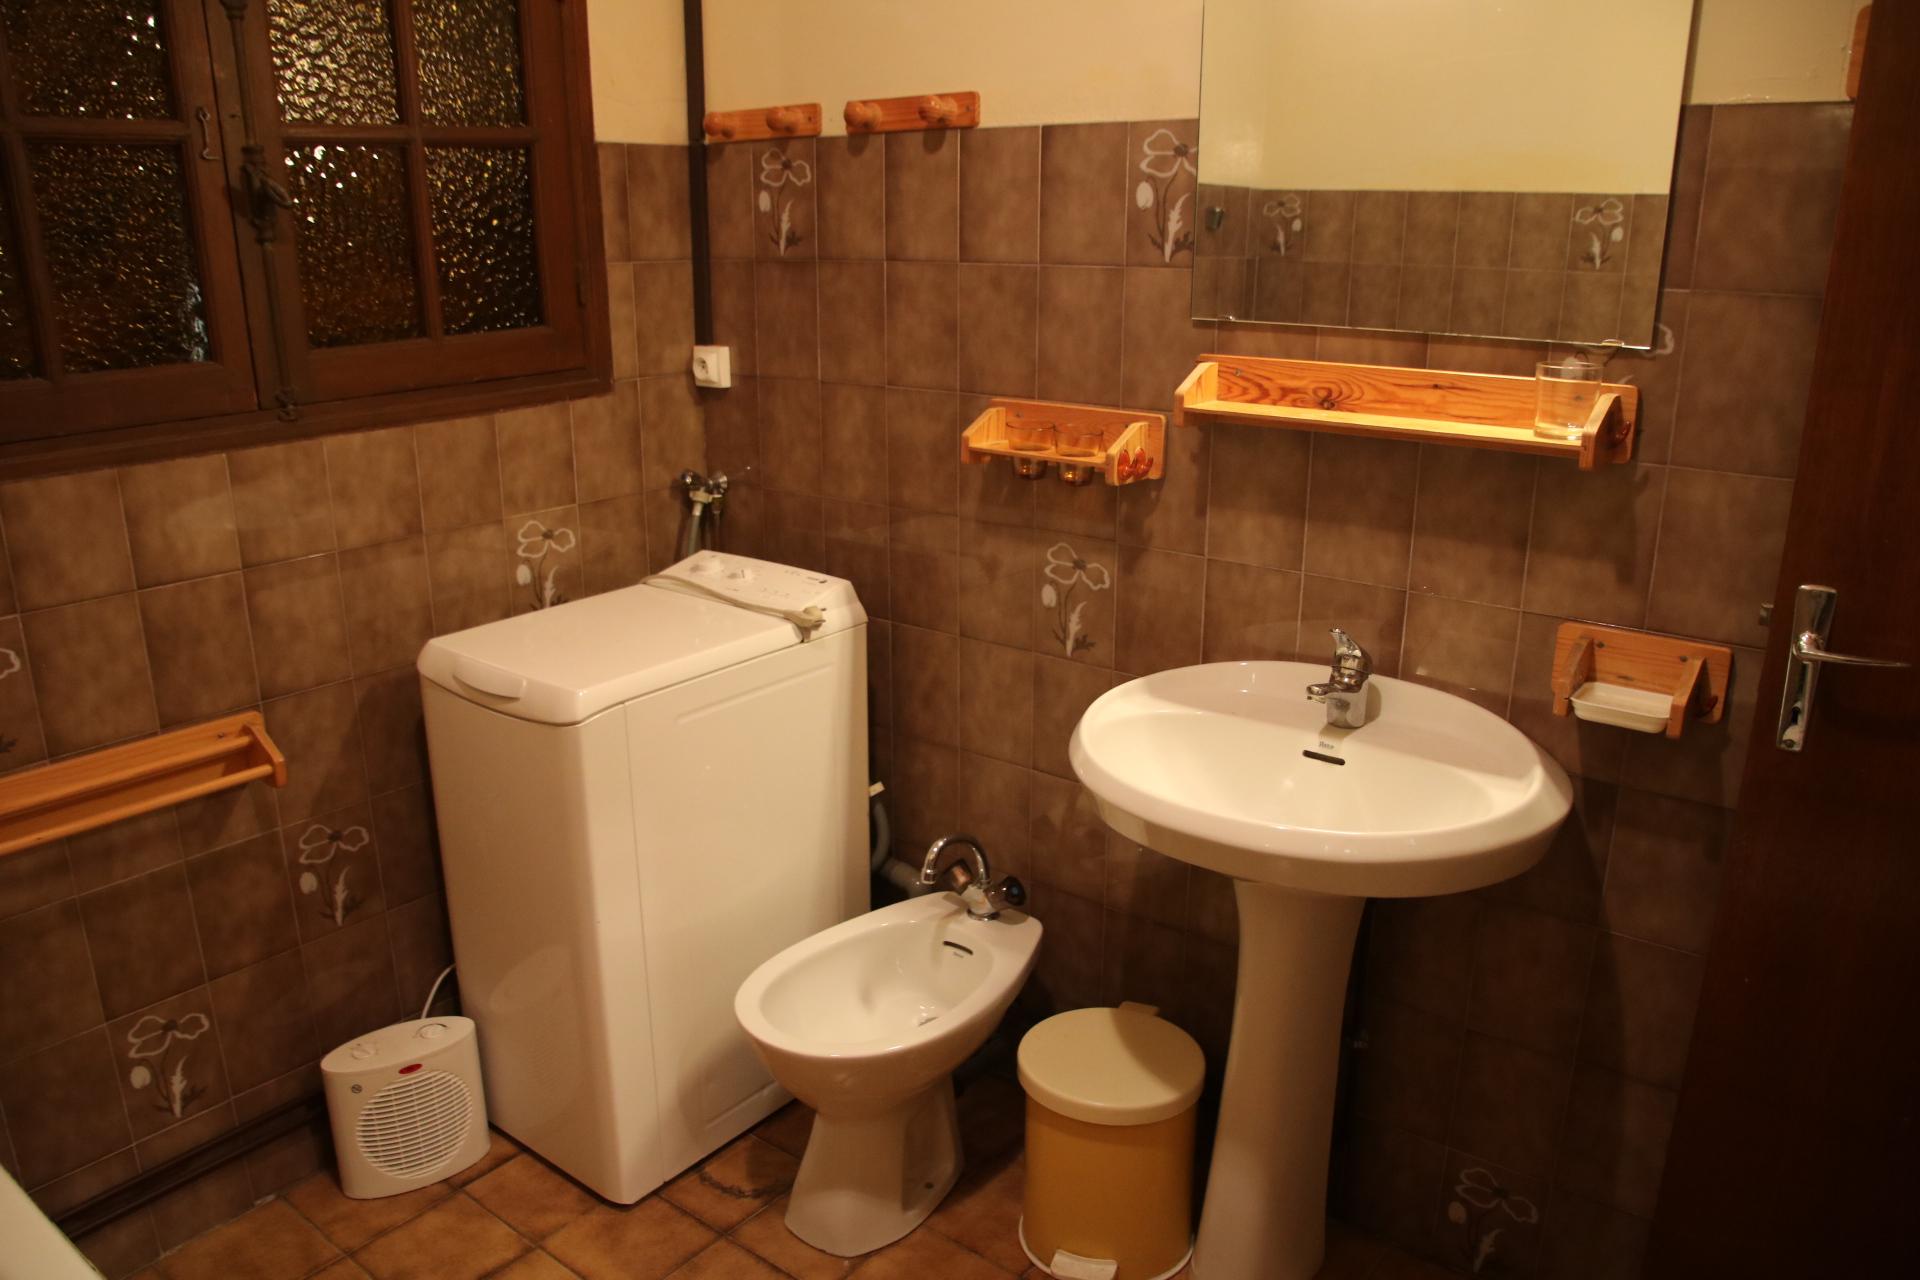 Salle de bain - Lave-linge